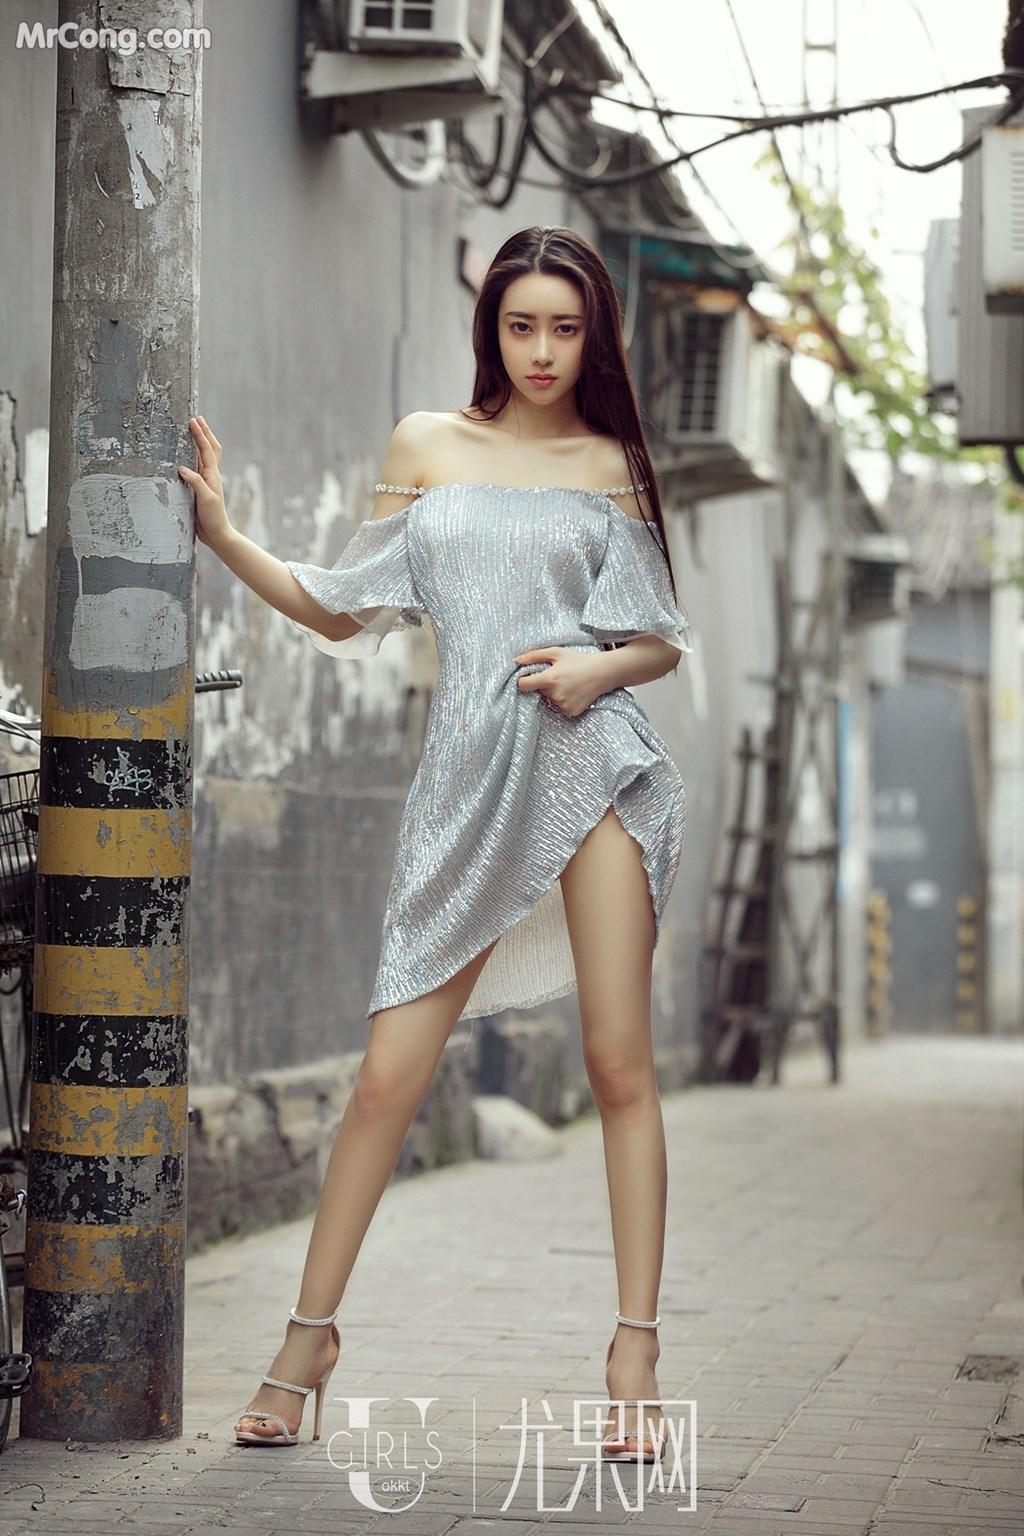 Image UGIRLS-U309-Mu-Fei-Fei-MrCong.com-052 in post UGIRLS U309: Người mẫu Mu Fei Fei (穆菲菲) (64 ảnh)